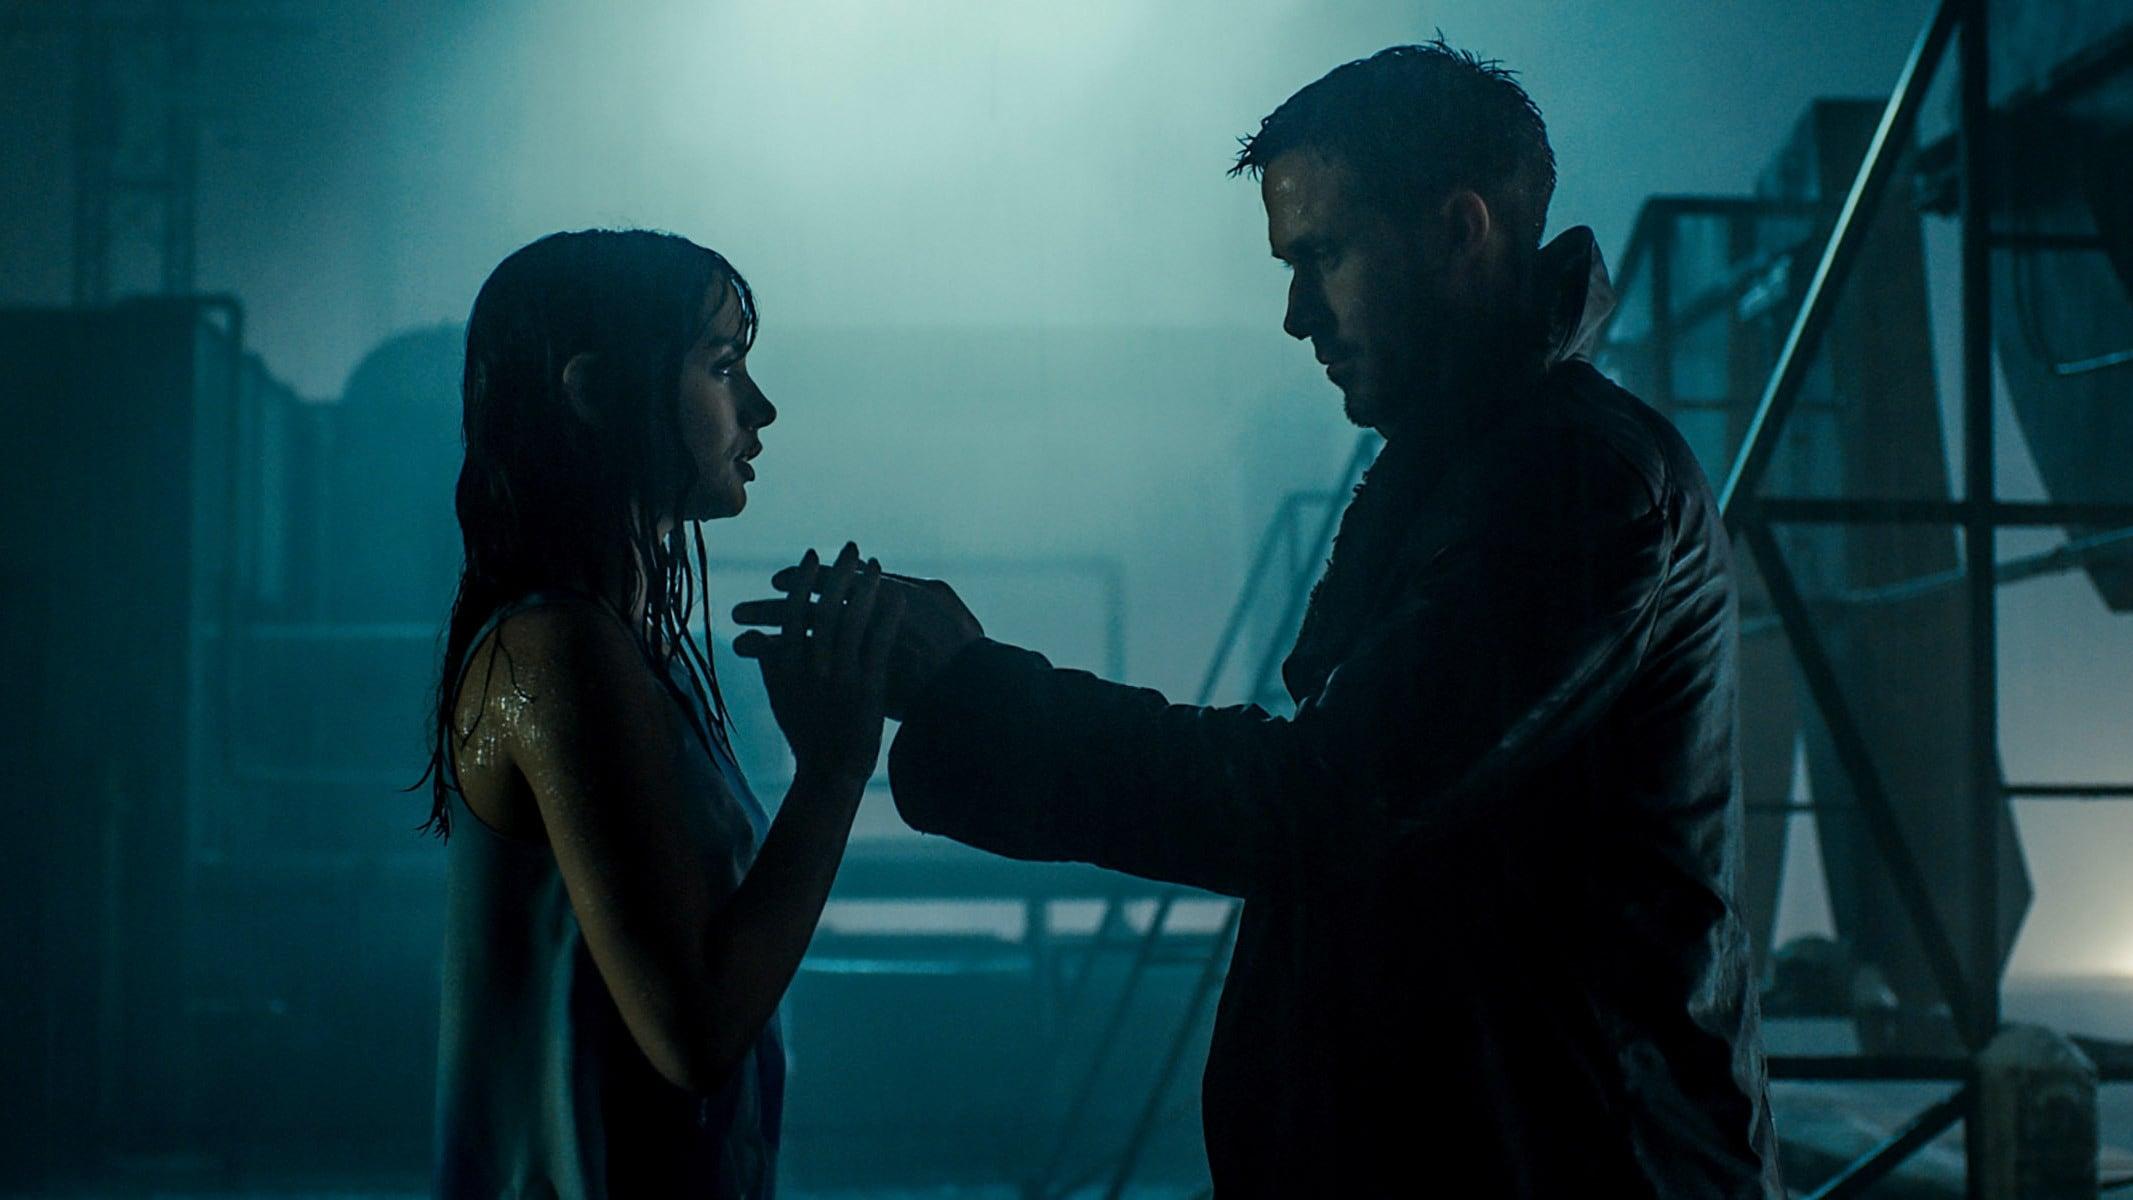 Watch Blade Runner 2049 2017 Free Solar Movie Online